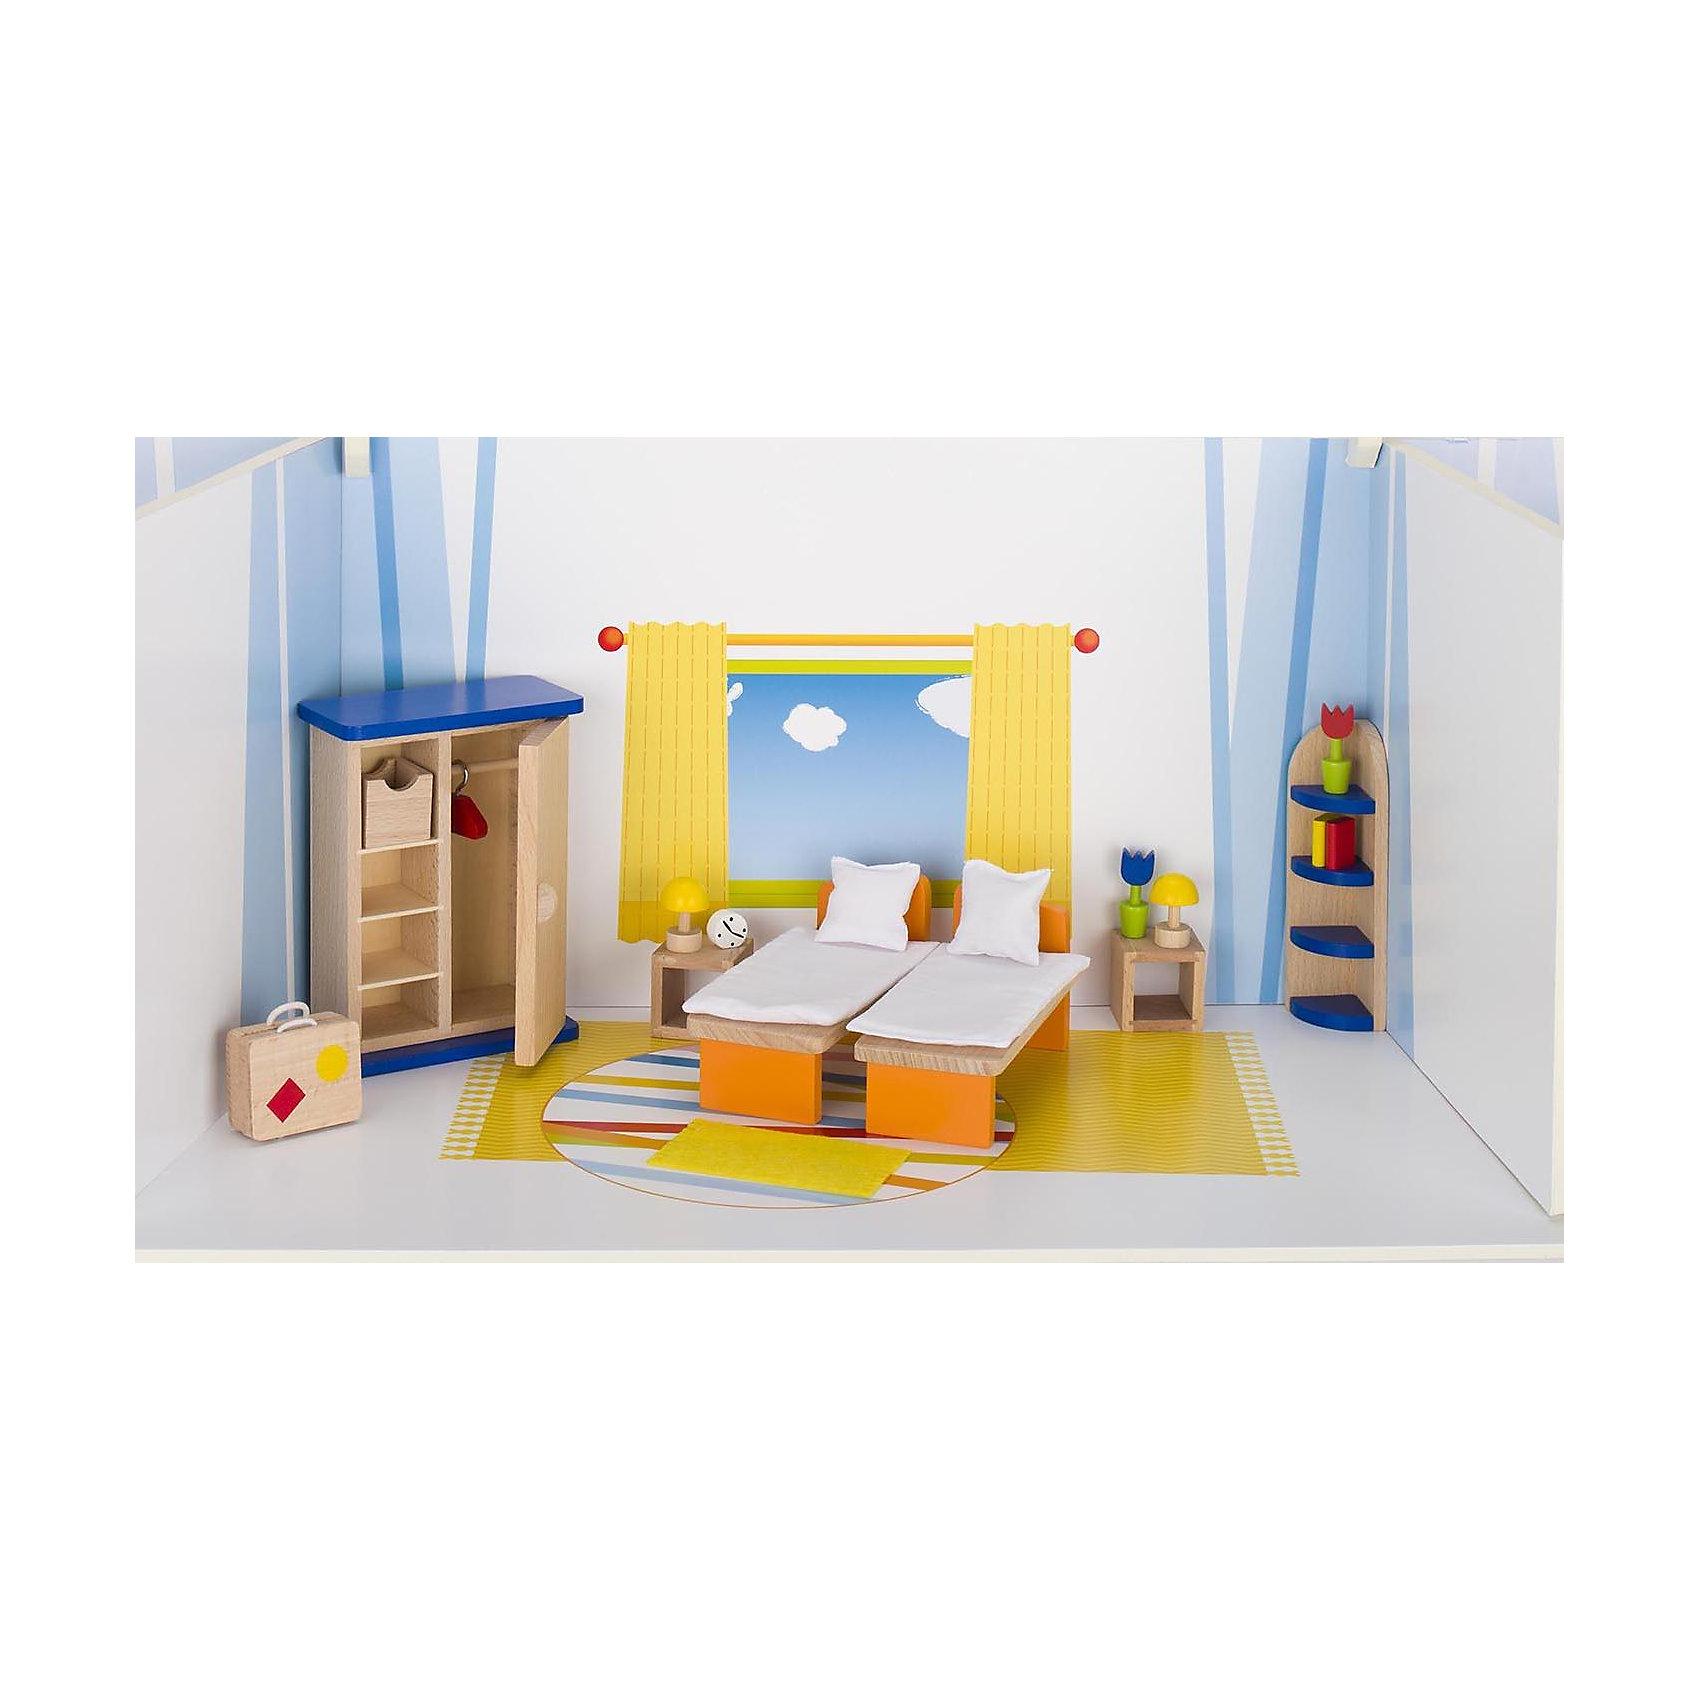 Мебель для кукольной спальни, gokiДомики и мебель<br>Характеристики товара:<br><br>- цвет: разноцветный;<br>- материал: дерево;<br>- возраст: от трех лет;<br>- комплектация: 21 предмет.<br><br>Этот симпатичный набор из множества предметов, необходимых в кукольной спальне, приводит детей в восторг! Какая девочка сможет отказаться поиграть с куклами, которые имеют спальню, так похожую на настоящую?! В набор входят самые необходимые для этого помещения вещи. Игрушки очень качественно выполнены, поэтому набор станет замечательным подарком ребенку. <br>Продается набор в красивой удобной упаковке. Игры с куклами помогают девочкам развить важные навыки и отработать модели социального взаимодействия. Изделие произведено из высококачественного материала, безопасного для детей.<br><br>Мебель для кукольной спальни от германского бренда GOKI можно купить в нашем интернет-магазине.<br><br>Ширина мм: 145<br>Глубина мм: 145<br>Высота мм: 145<br>Вес г: 563<br>Возраст от месяцев: 36<br>Возраст до месяцев: 144<br>Пол: Женский<br>Возраст: Детский<br>SKU: 5155319